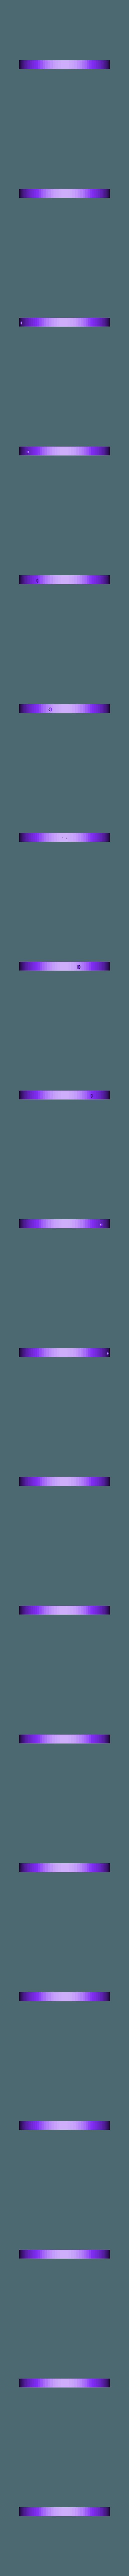 Mini_Flyte_bunn.stl Télécharger fichier STL gratuit Mini jardinière flottante • Modèle pour imprimante 3D, Ananords